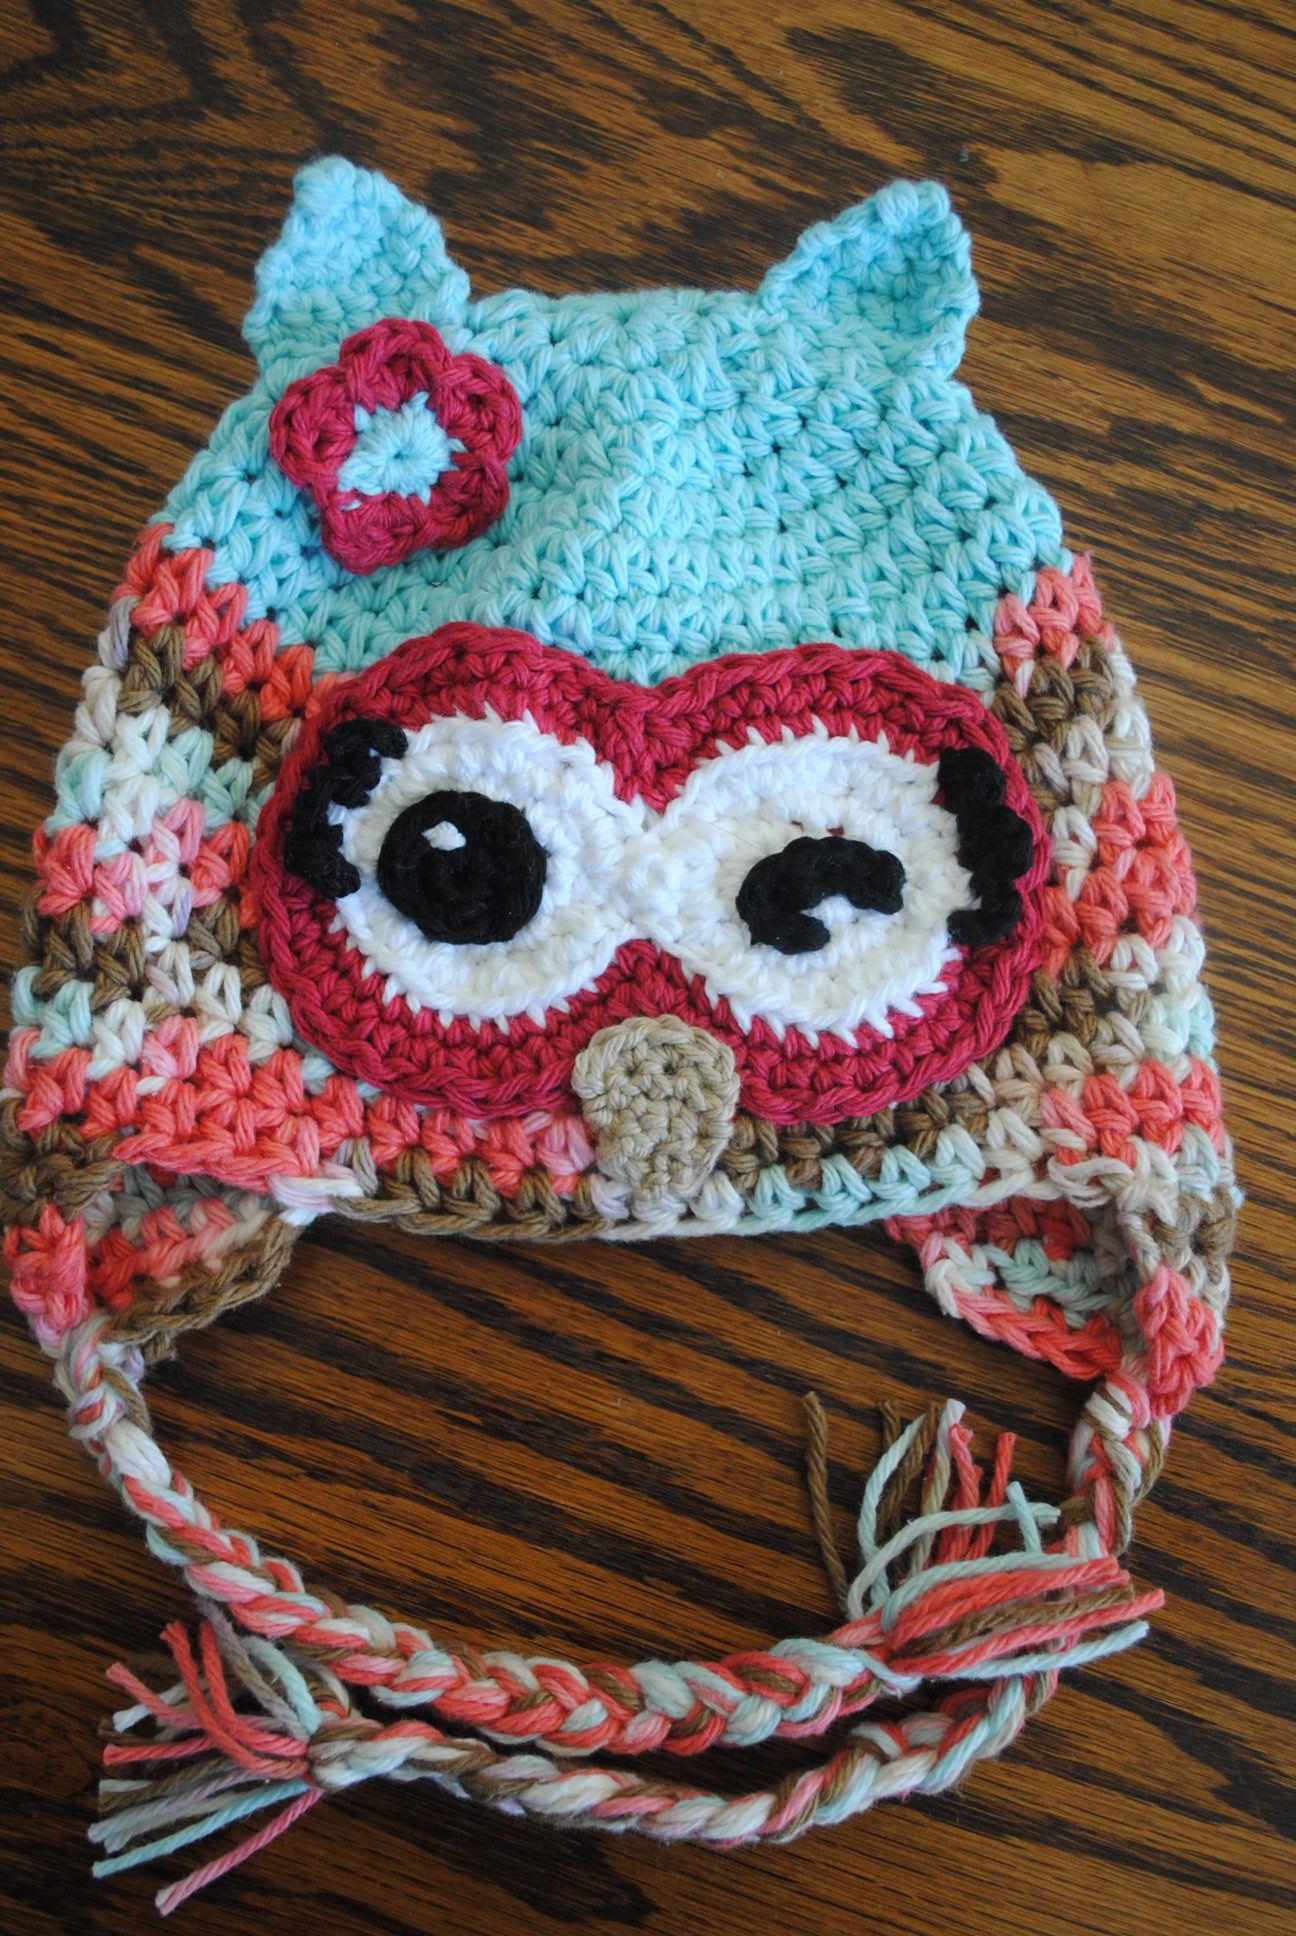 Free crochet owl hat pattern winky winky the owl crocheting free crochet owl hat pattern winky winky the owl bankloansurffo Choice Image